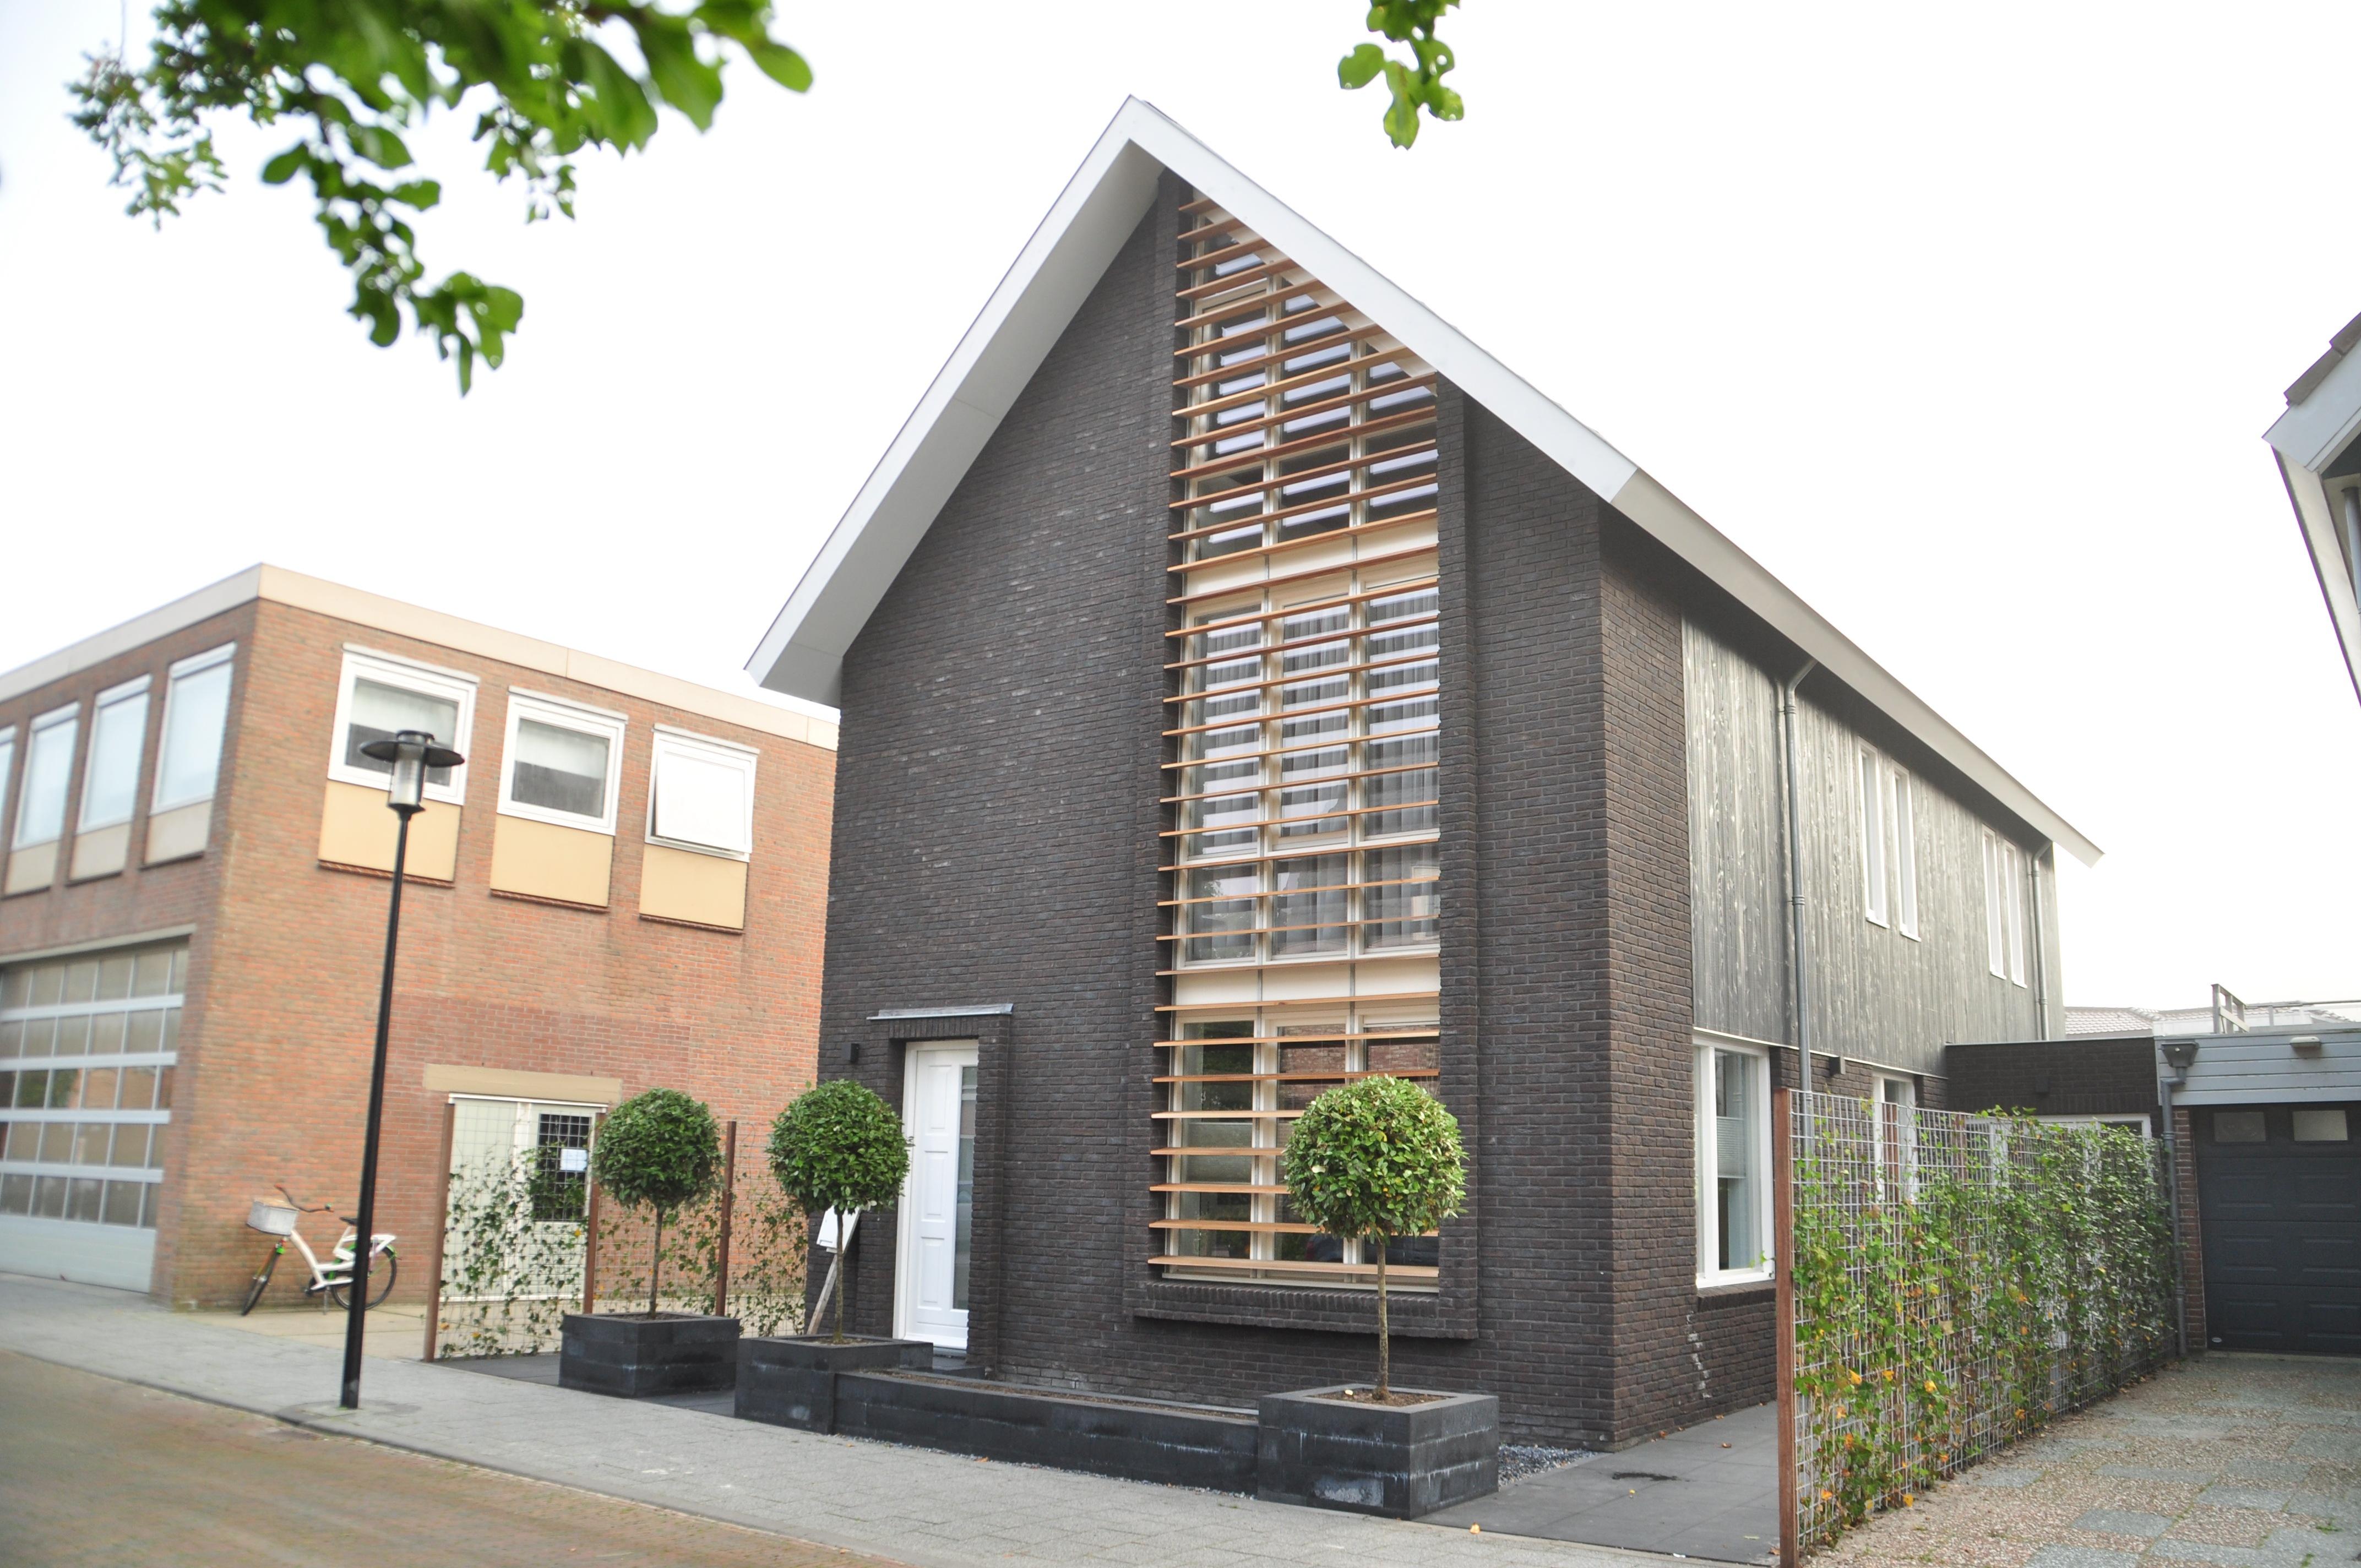 Verbouw jaren 70 zadeldak woning schagen moderne woning nico dekker ontwerp bouwkunde - Ingang van een huis ...